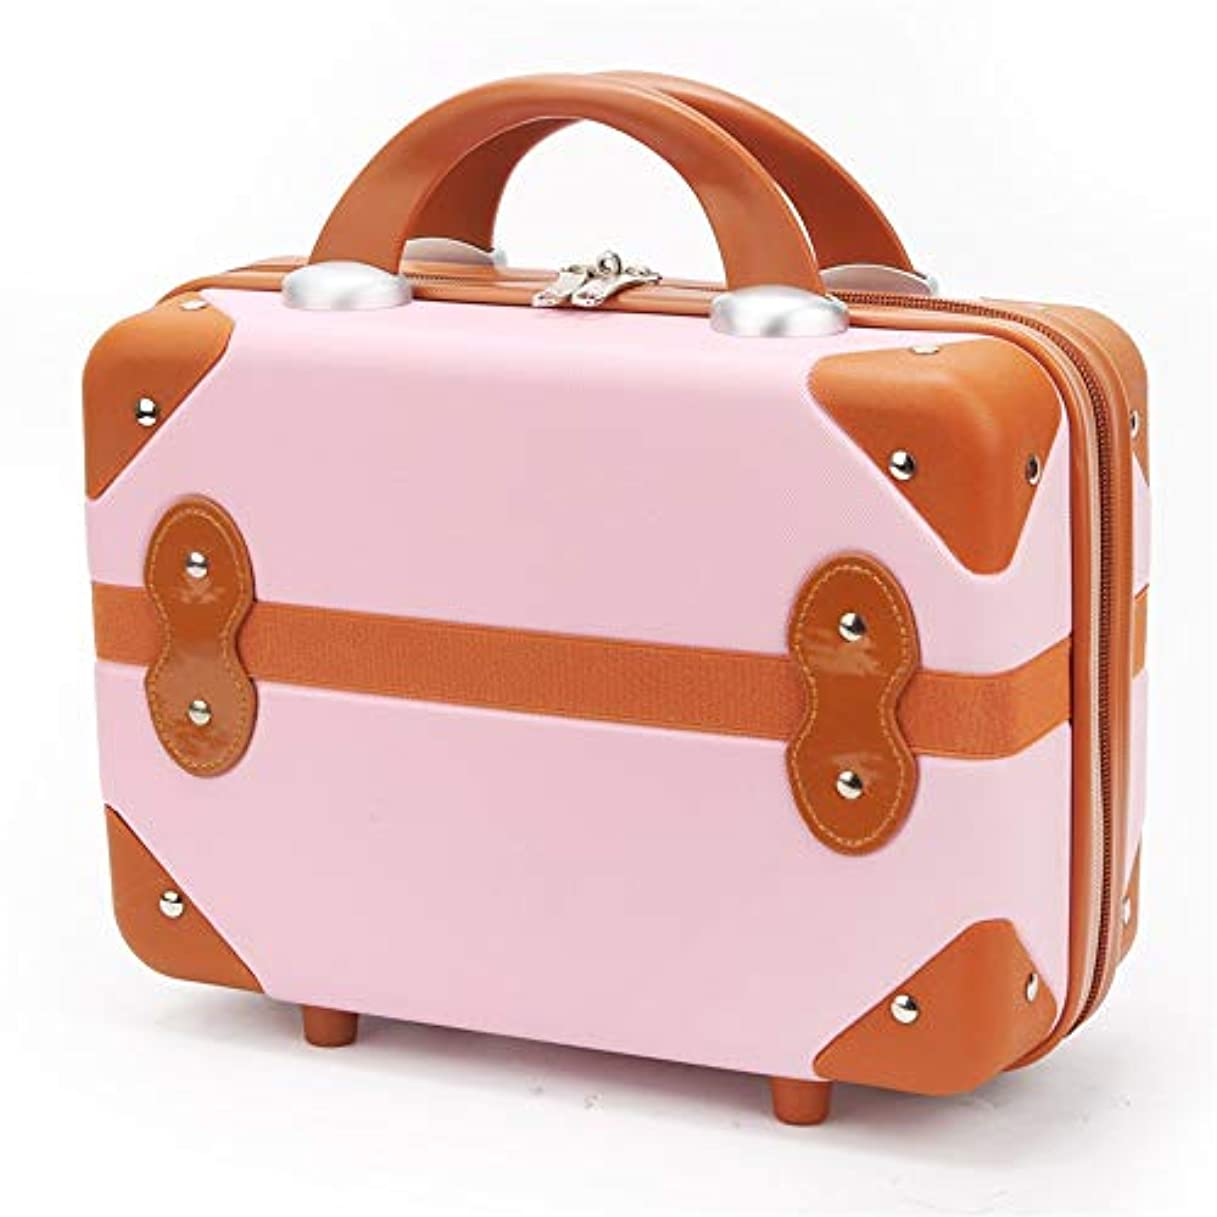 生産的プレゼン麻酔薬化粧オーガナイザーバッグ 14インチのメイクアップトラベルバッグPUレター防水化粧ケースのティーン女の子の女性アーティスト 化粧品ケース